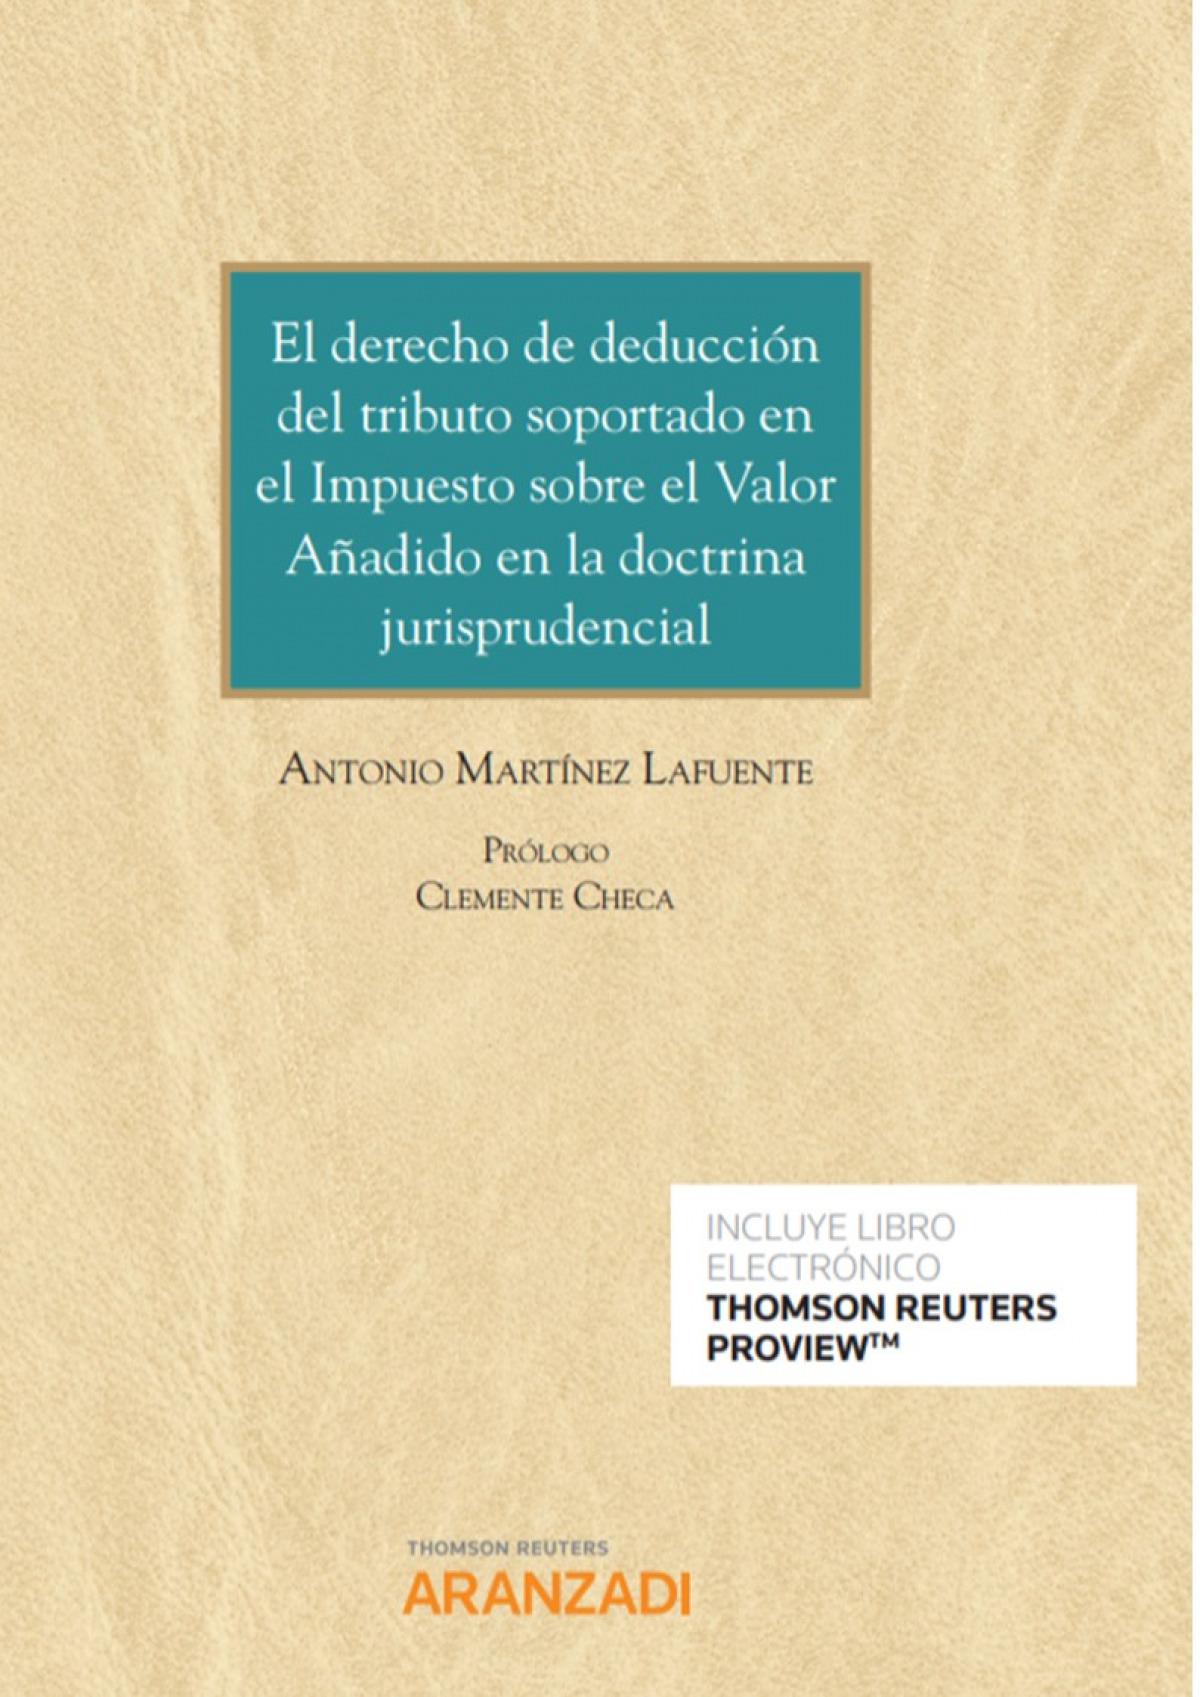 El derecho de deducción del tributo soportado en el Impuesto sobre el valor añadido en la doctrina jurisprudencial (Papel + e-book)